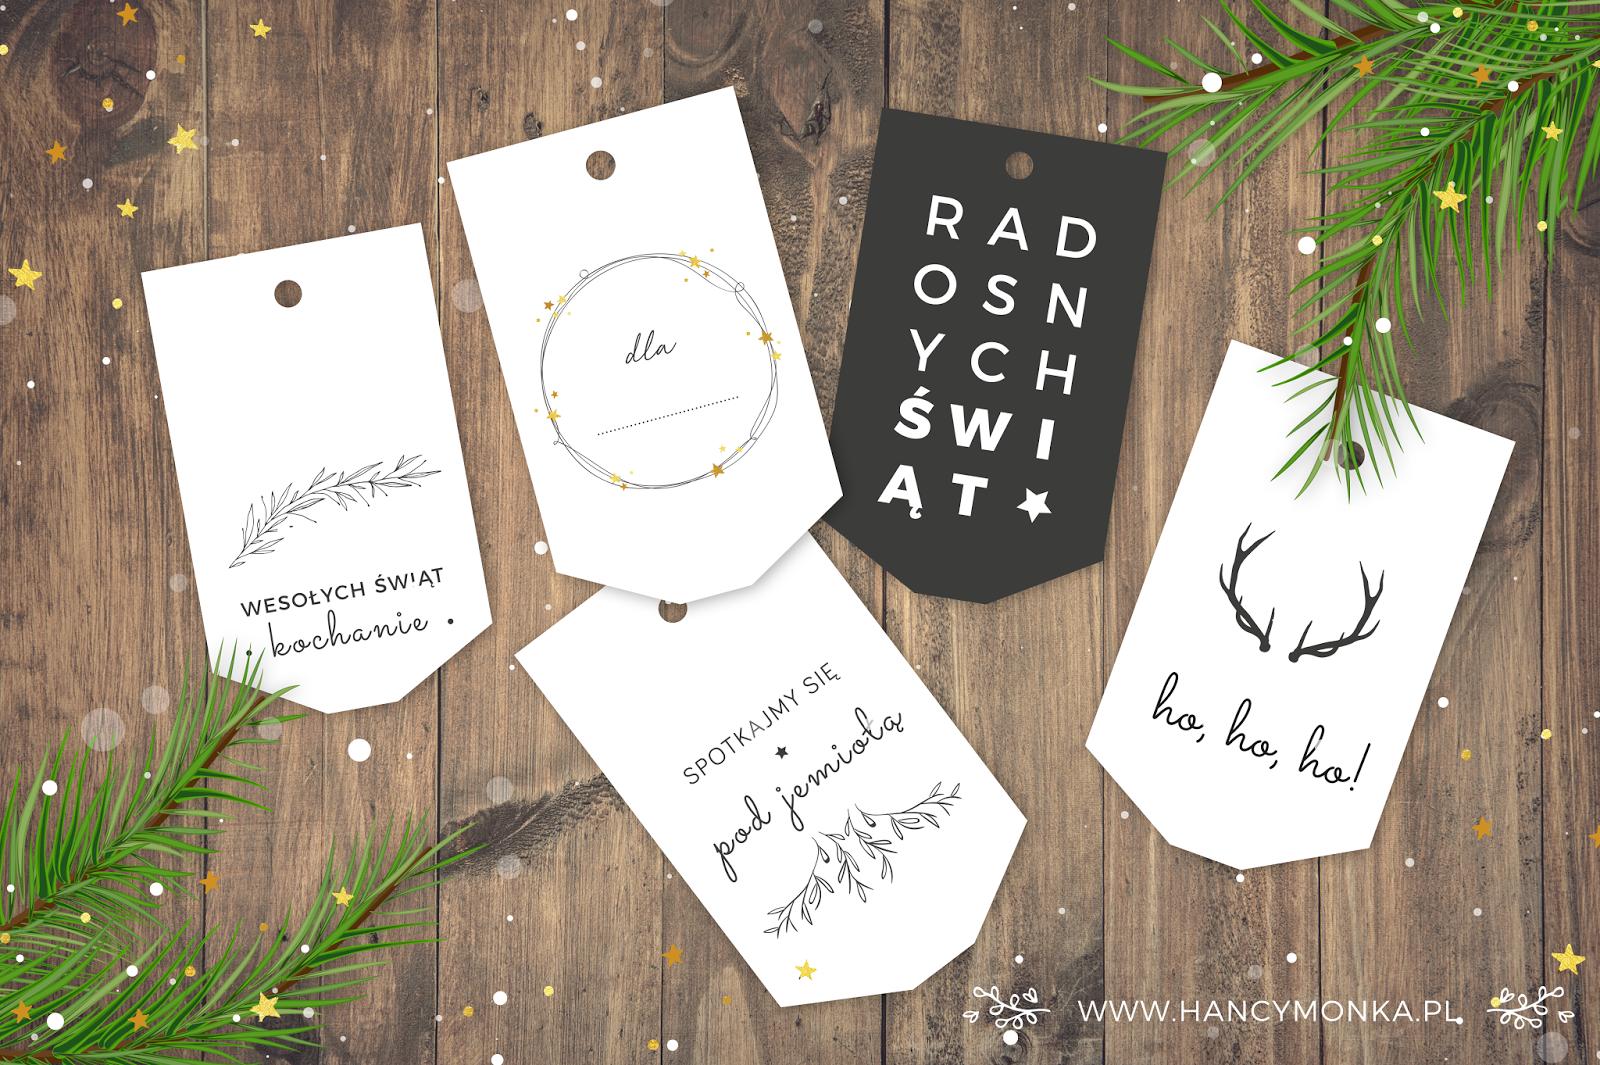 etykietki prezentowe, świąteczne etykietki, etykietki do druku, christmas gifts labels, labels, christmas labels, bileciki prezentowe, zawieszki do prezentów, święta, boże narodzenie, diy, do druku, printable, hancymonka, blog, kreatywny